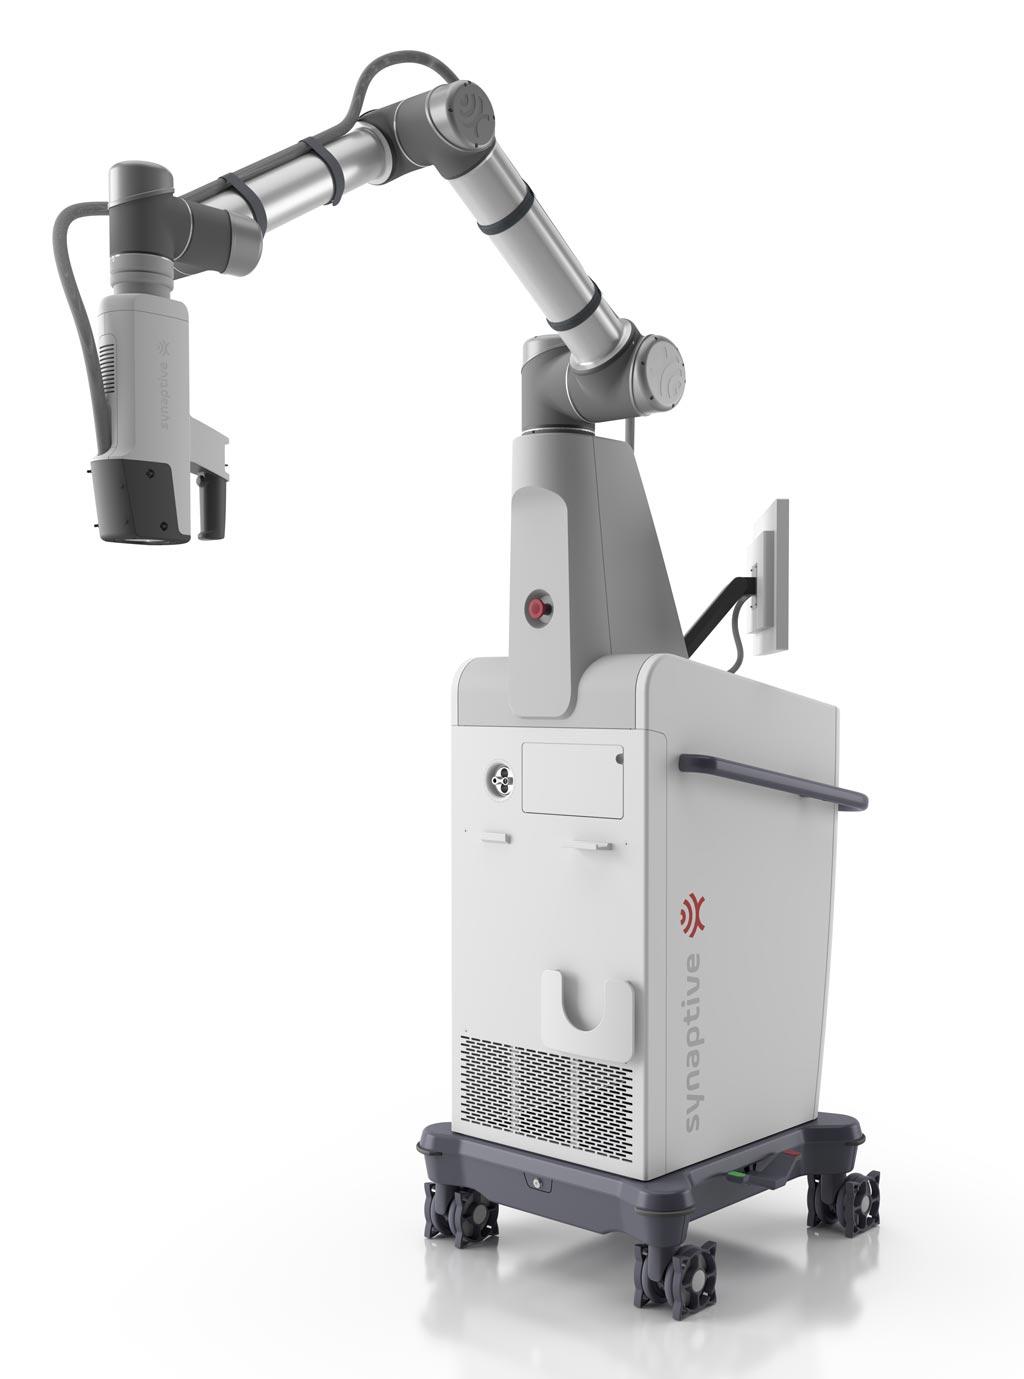 Imagen: El Modus V proporciona una alternativa al microscopio quirúrgico tradicional pues incluye un lente ocular que los neurocirujanos usan comúnmente para ver imágenes aumentadas del cerebro (Fotografía cortesía de Synaptive Medical).